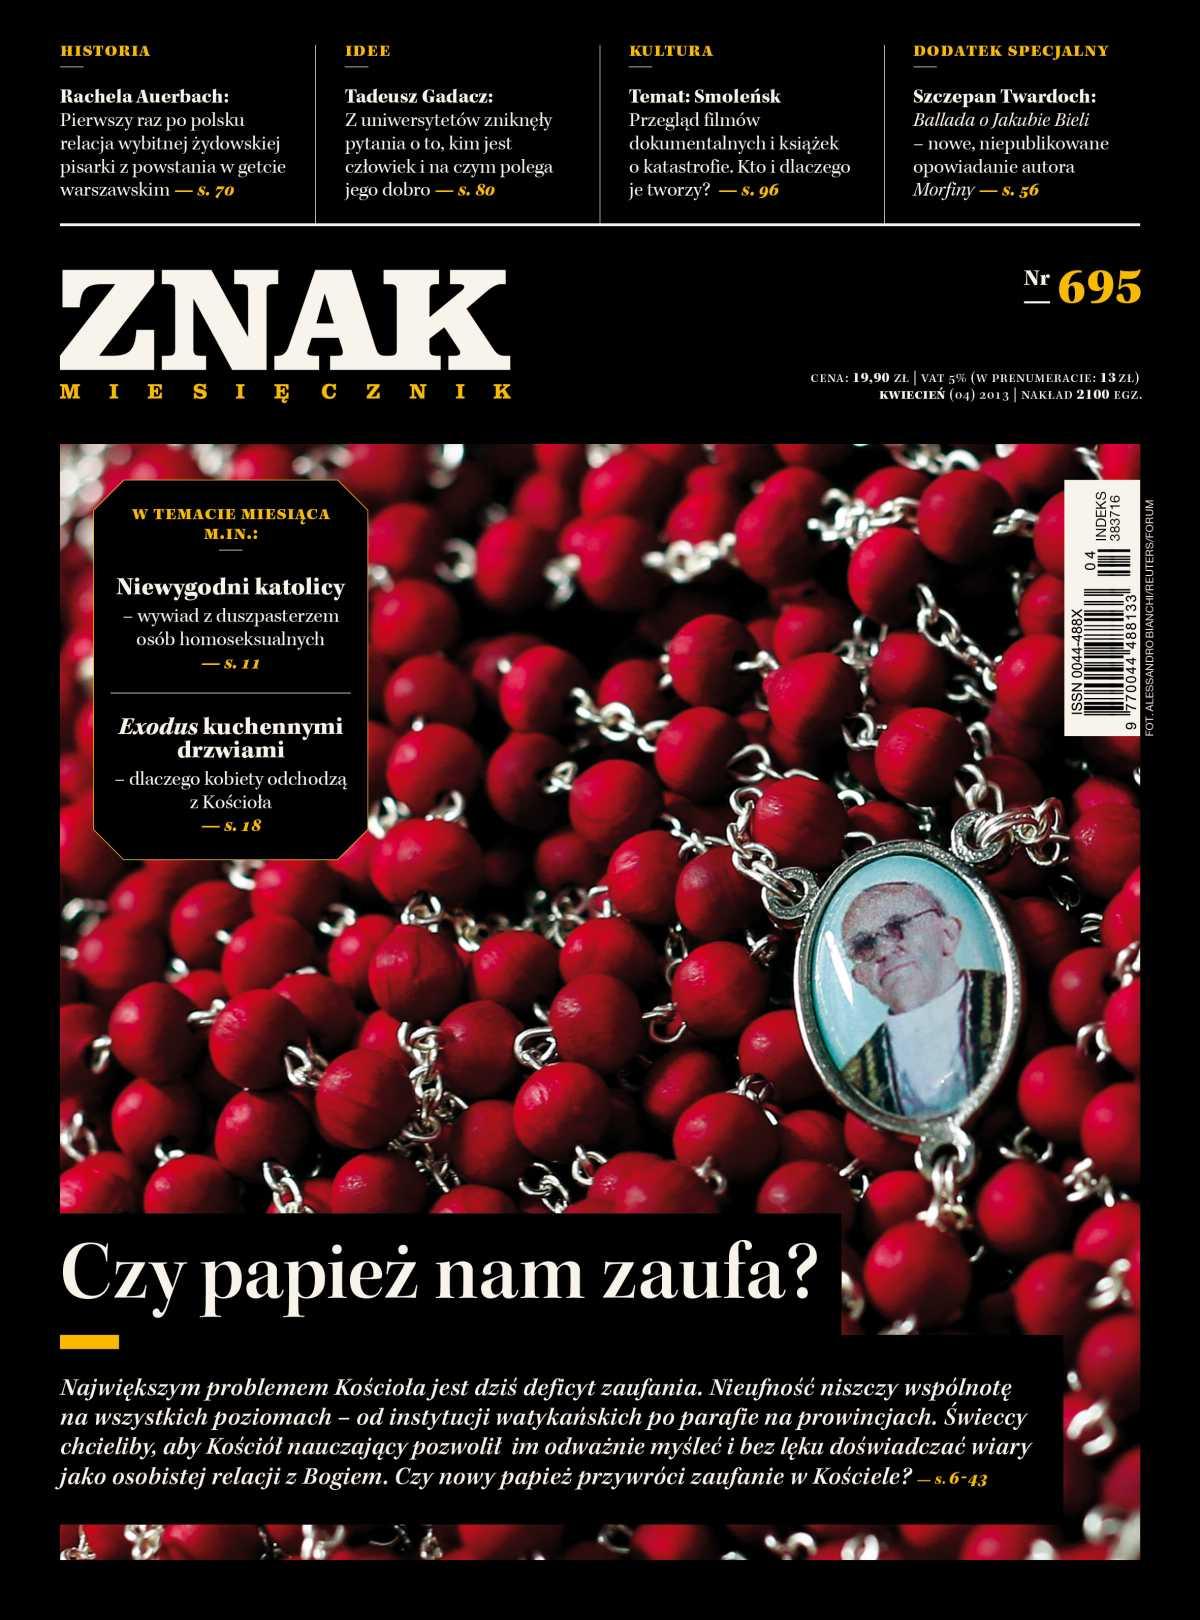 Miesięcznik Znak. Kwiecień 2013 - Ebook (Książka EPUB) do pobrania w formacie EPUB